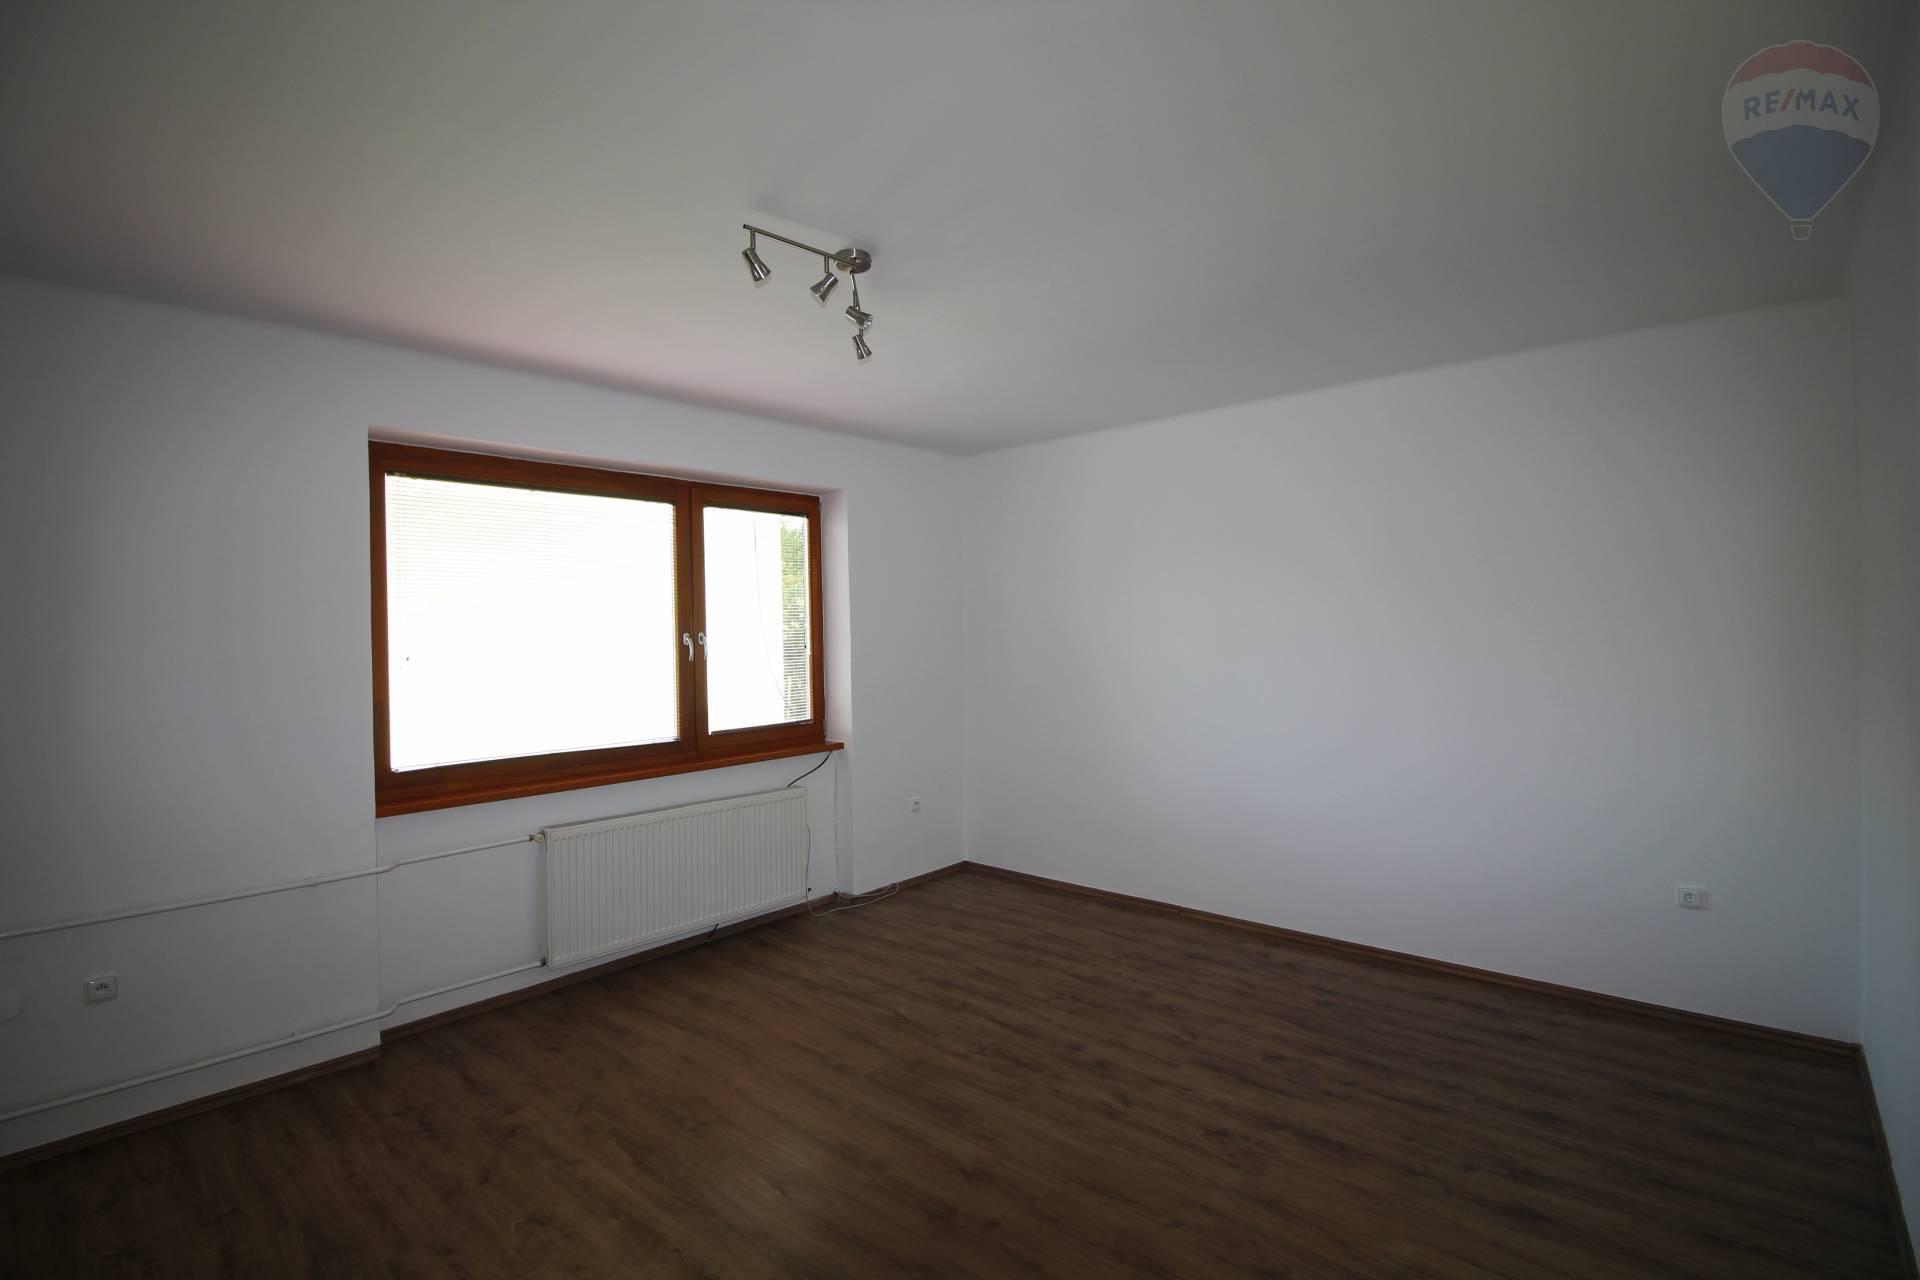 Predaj: 3-izbový byt, čiastočná rekonštrukcia, Gabčíkovo, Družstevnícka ulica, okres Dunajská Streda